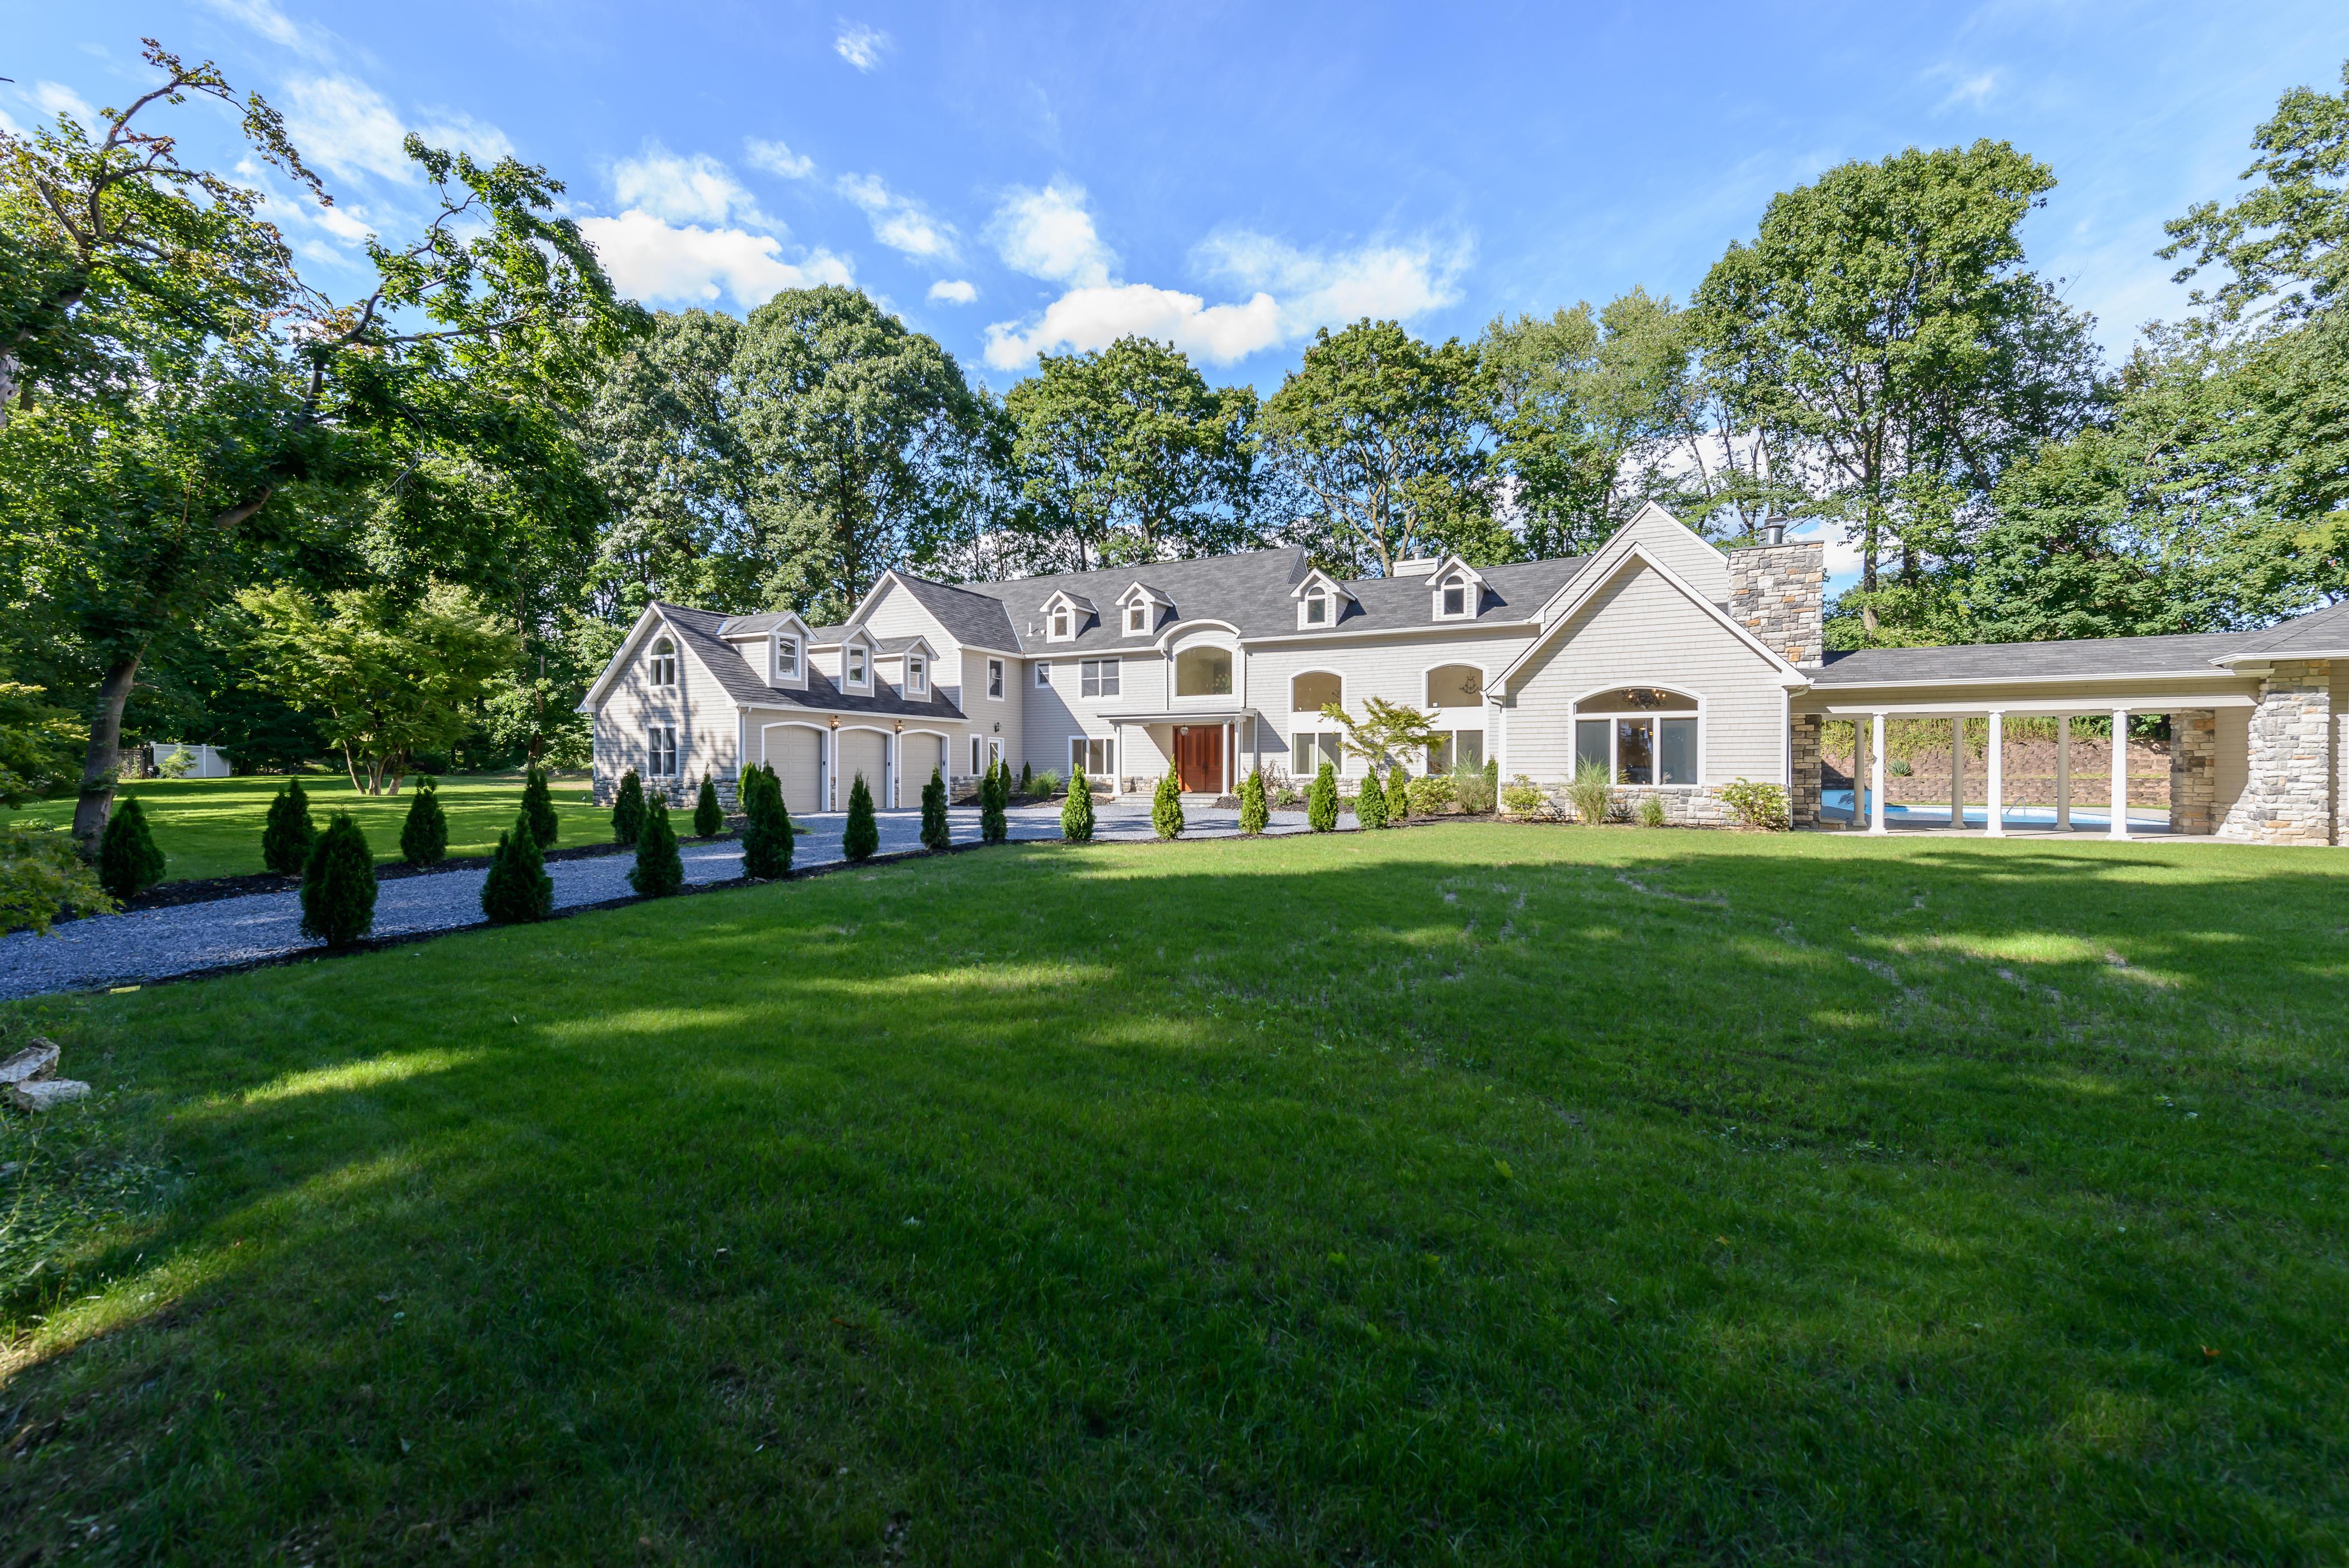 独户住宅 为 销售 在 Colonial 27 Cow Neck Rd Sands Point, 纽约州 11050 美国